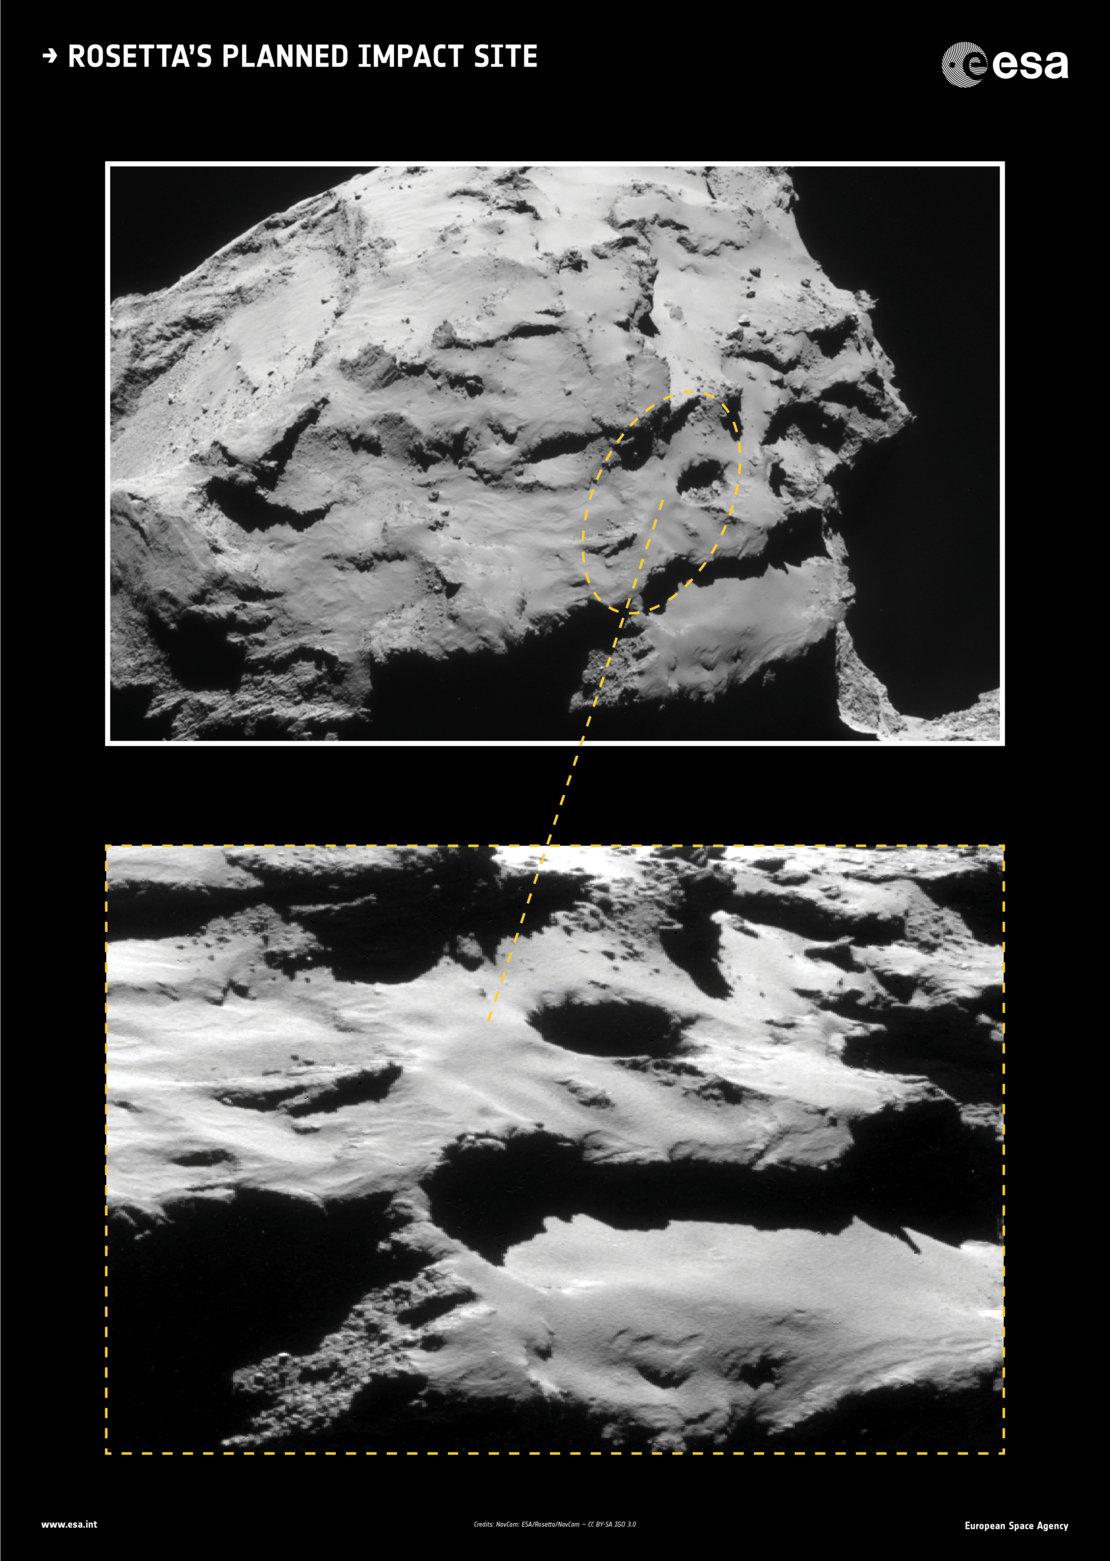 Lokalita Ma'at na menší části komety 67P/Čurjumov-Gerasimenko. Ke kontaktu Rosetty s povrchem komety by mělo v přímém přenosu dojít v pátek 30. září kolem 12:30 SELČ.